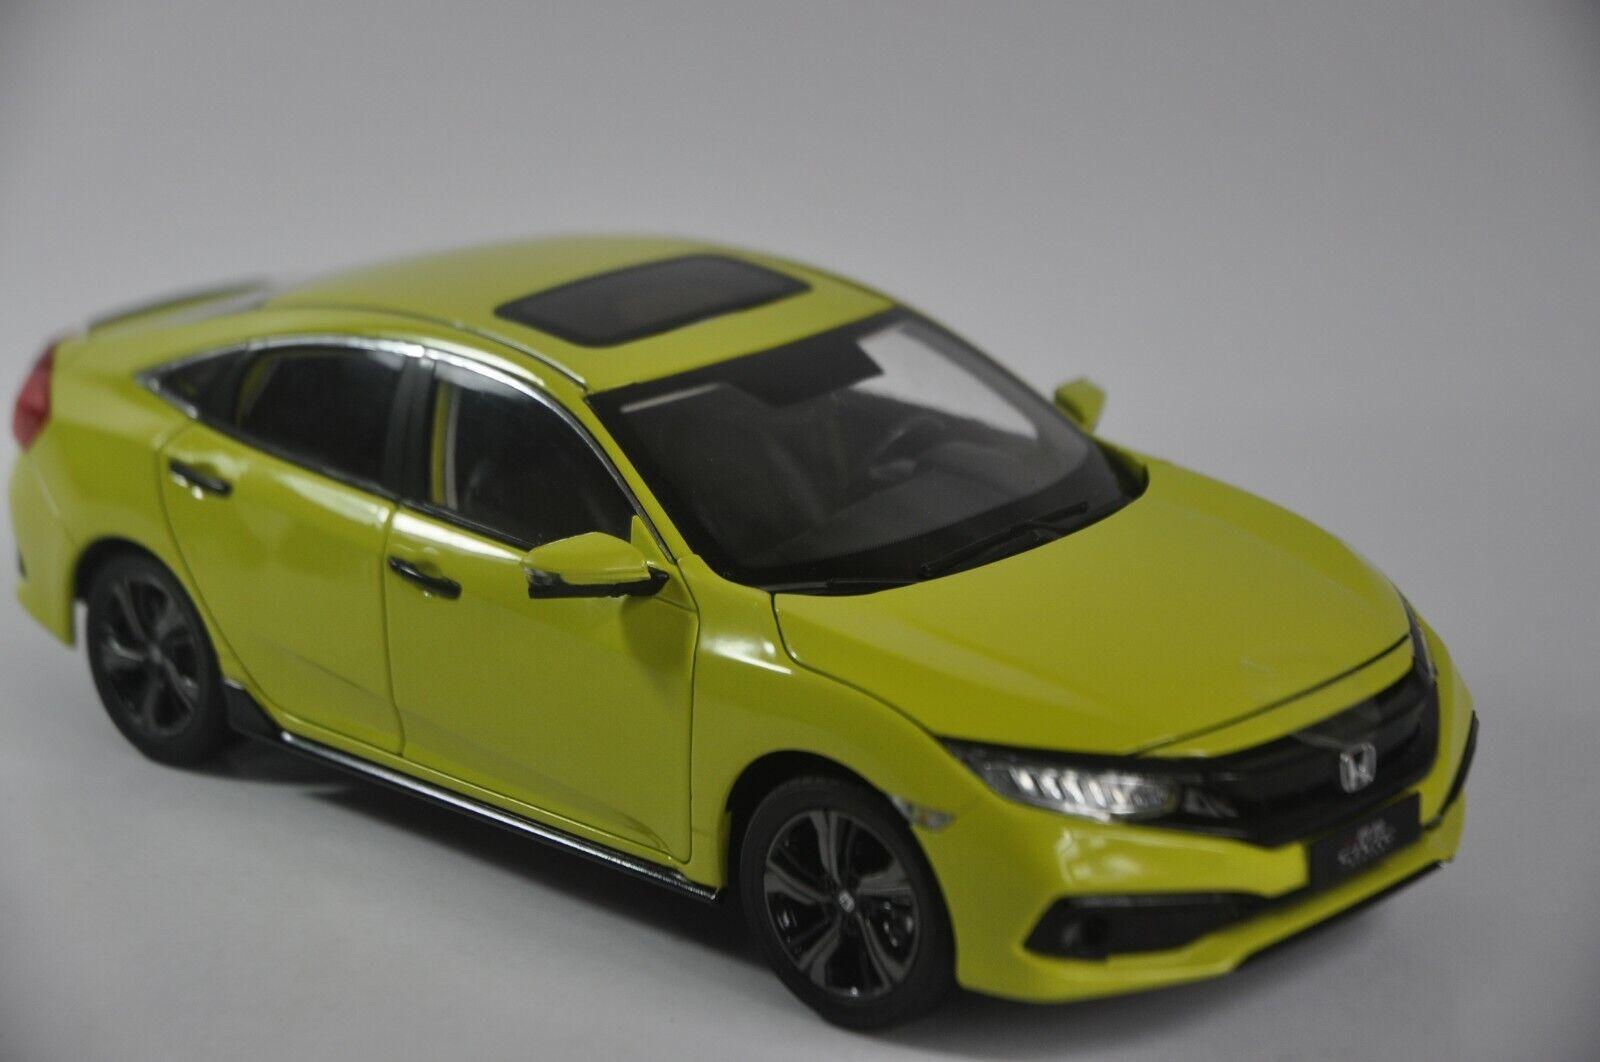 HONDA Civic 2019 auto modellololo IN SCALA 1 18 Gituttio